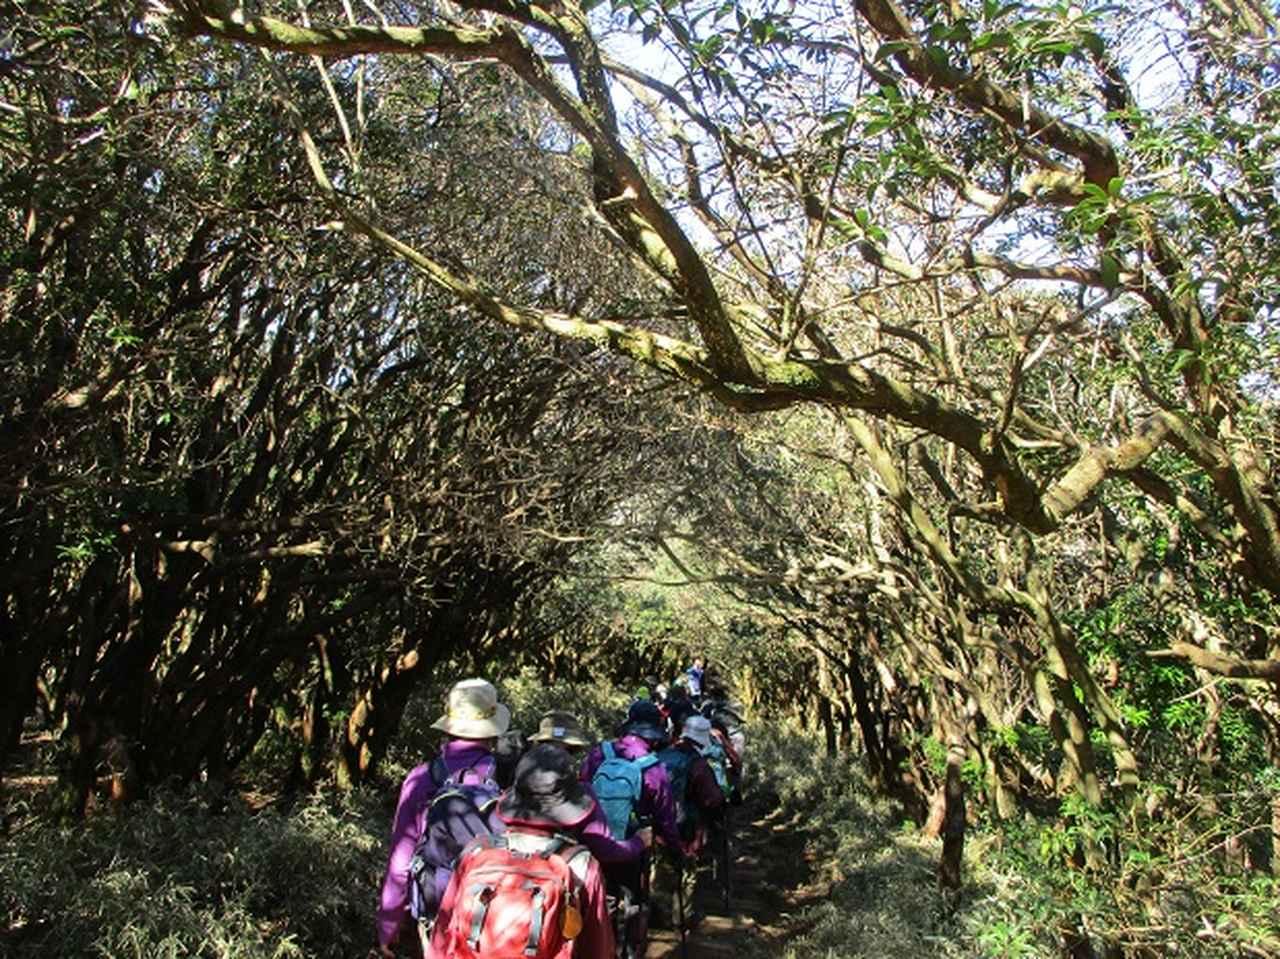 画像7: 3月8日に岡田ガイドと 達磨山 のツアーへ行ってきました♪